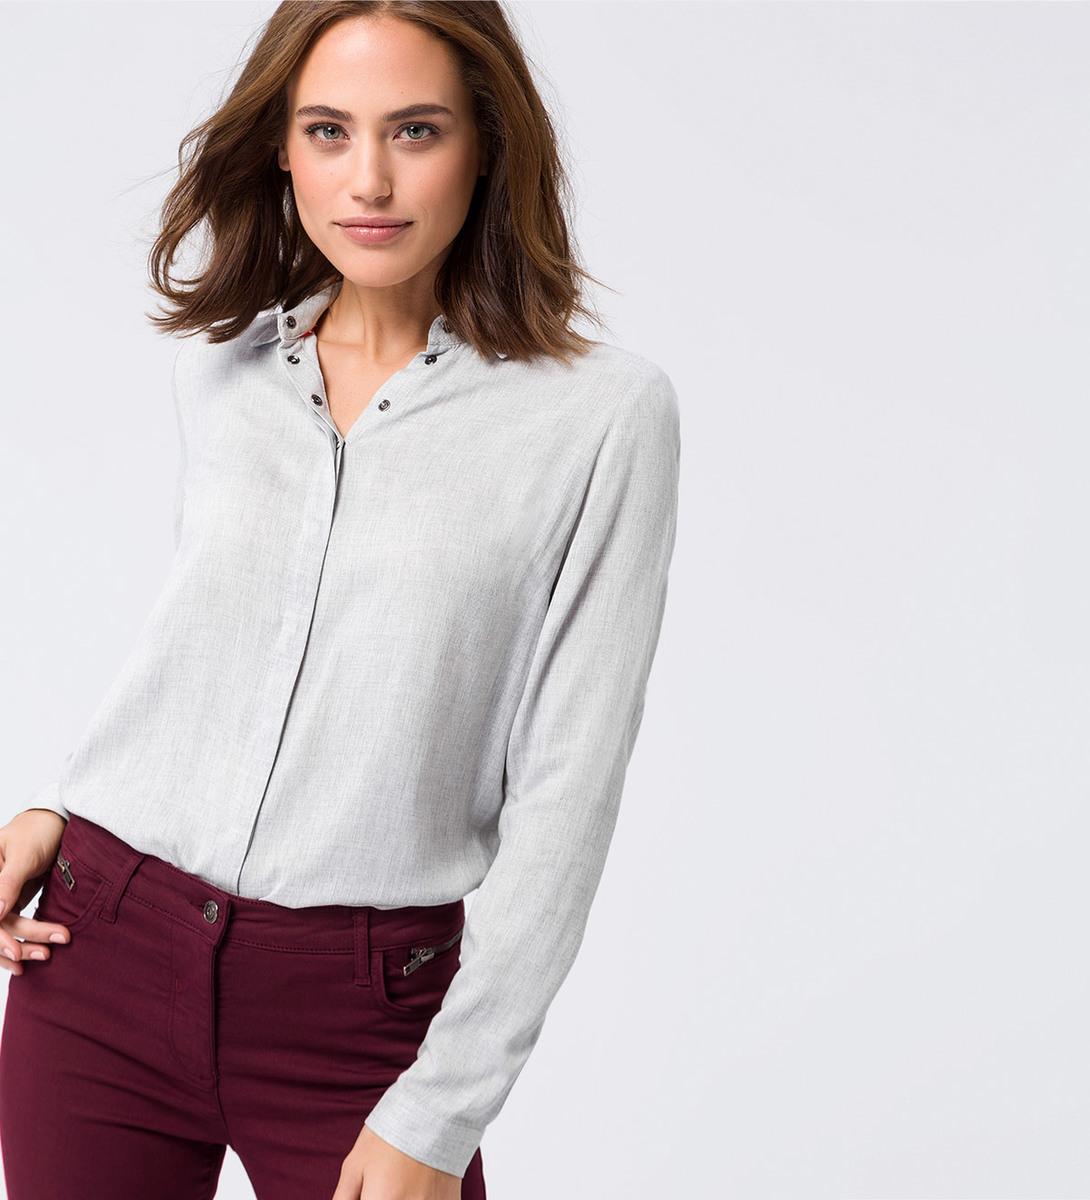 Bluse aus Viskose in stone grey